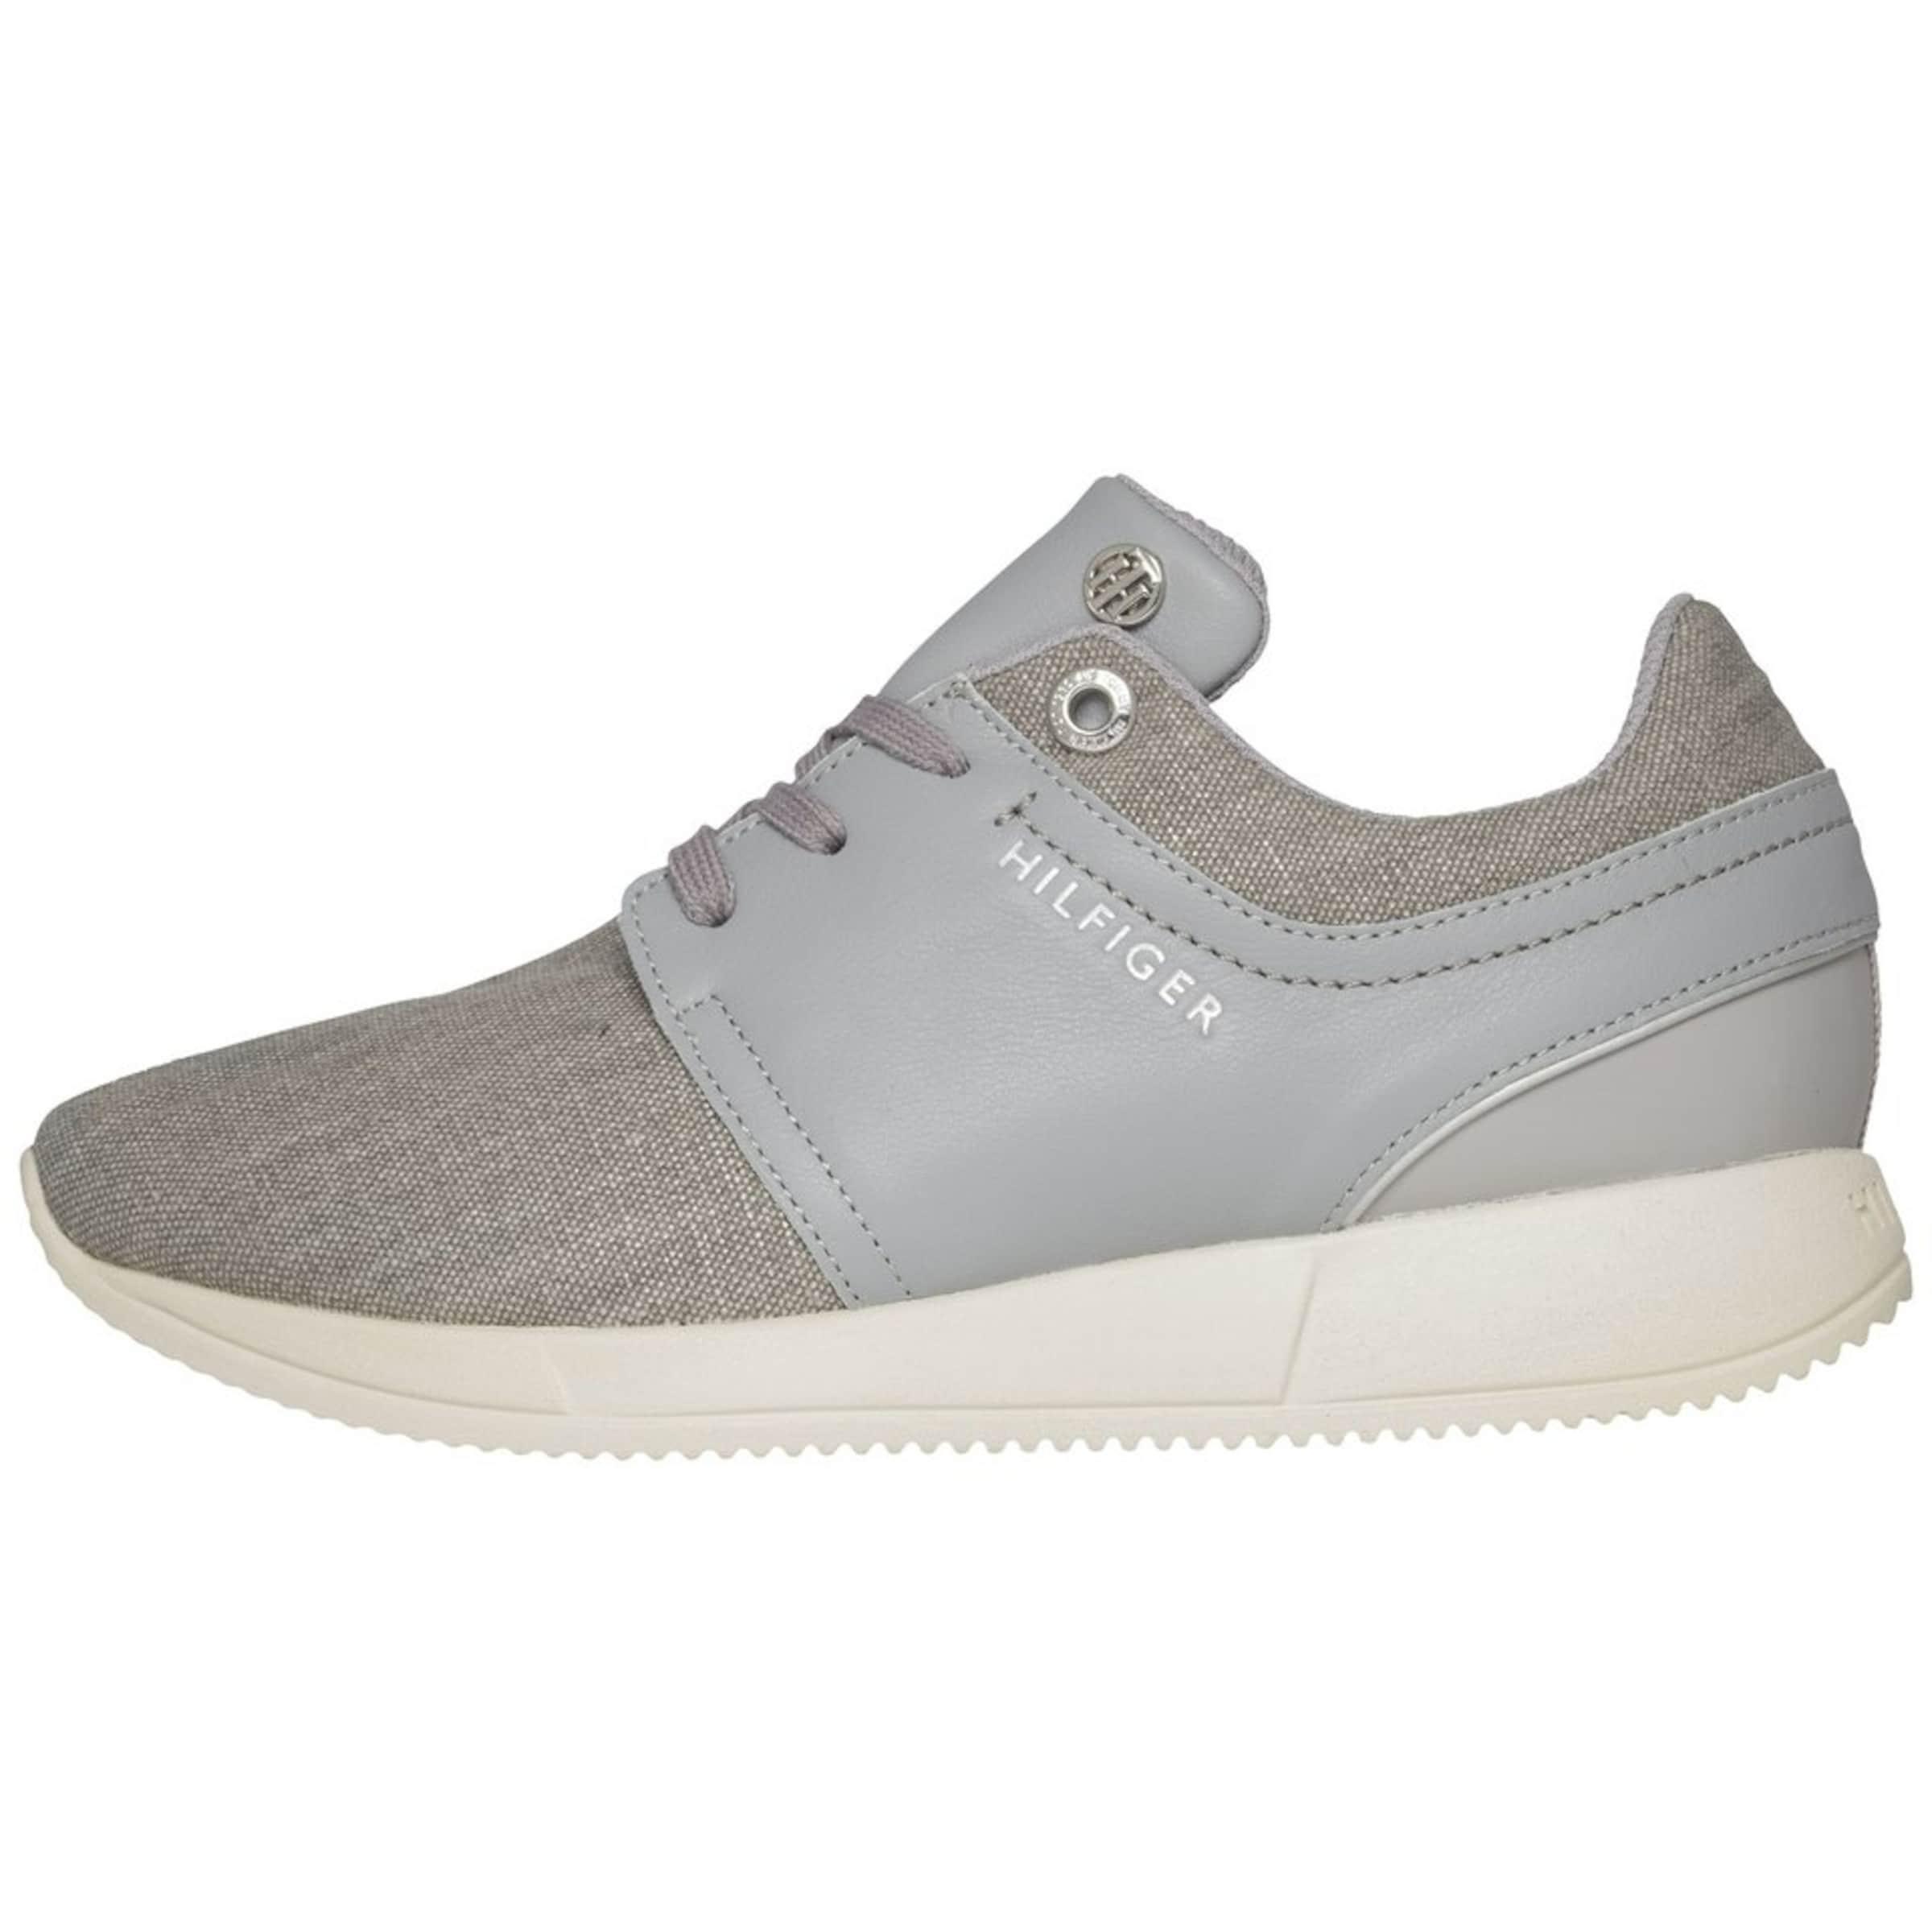 Rabatt Beste Geschäft Zu Bekommen TOMMY HILFIGER Sneaker »S1285AMANTHA 2C4« Schlussverkauf RoLVHfLinS